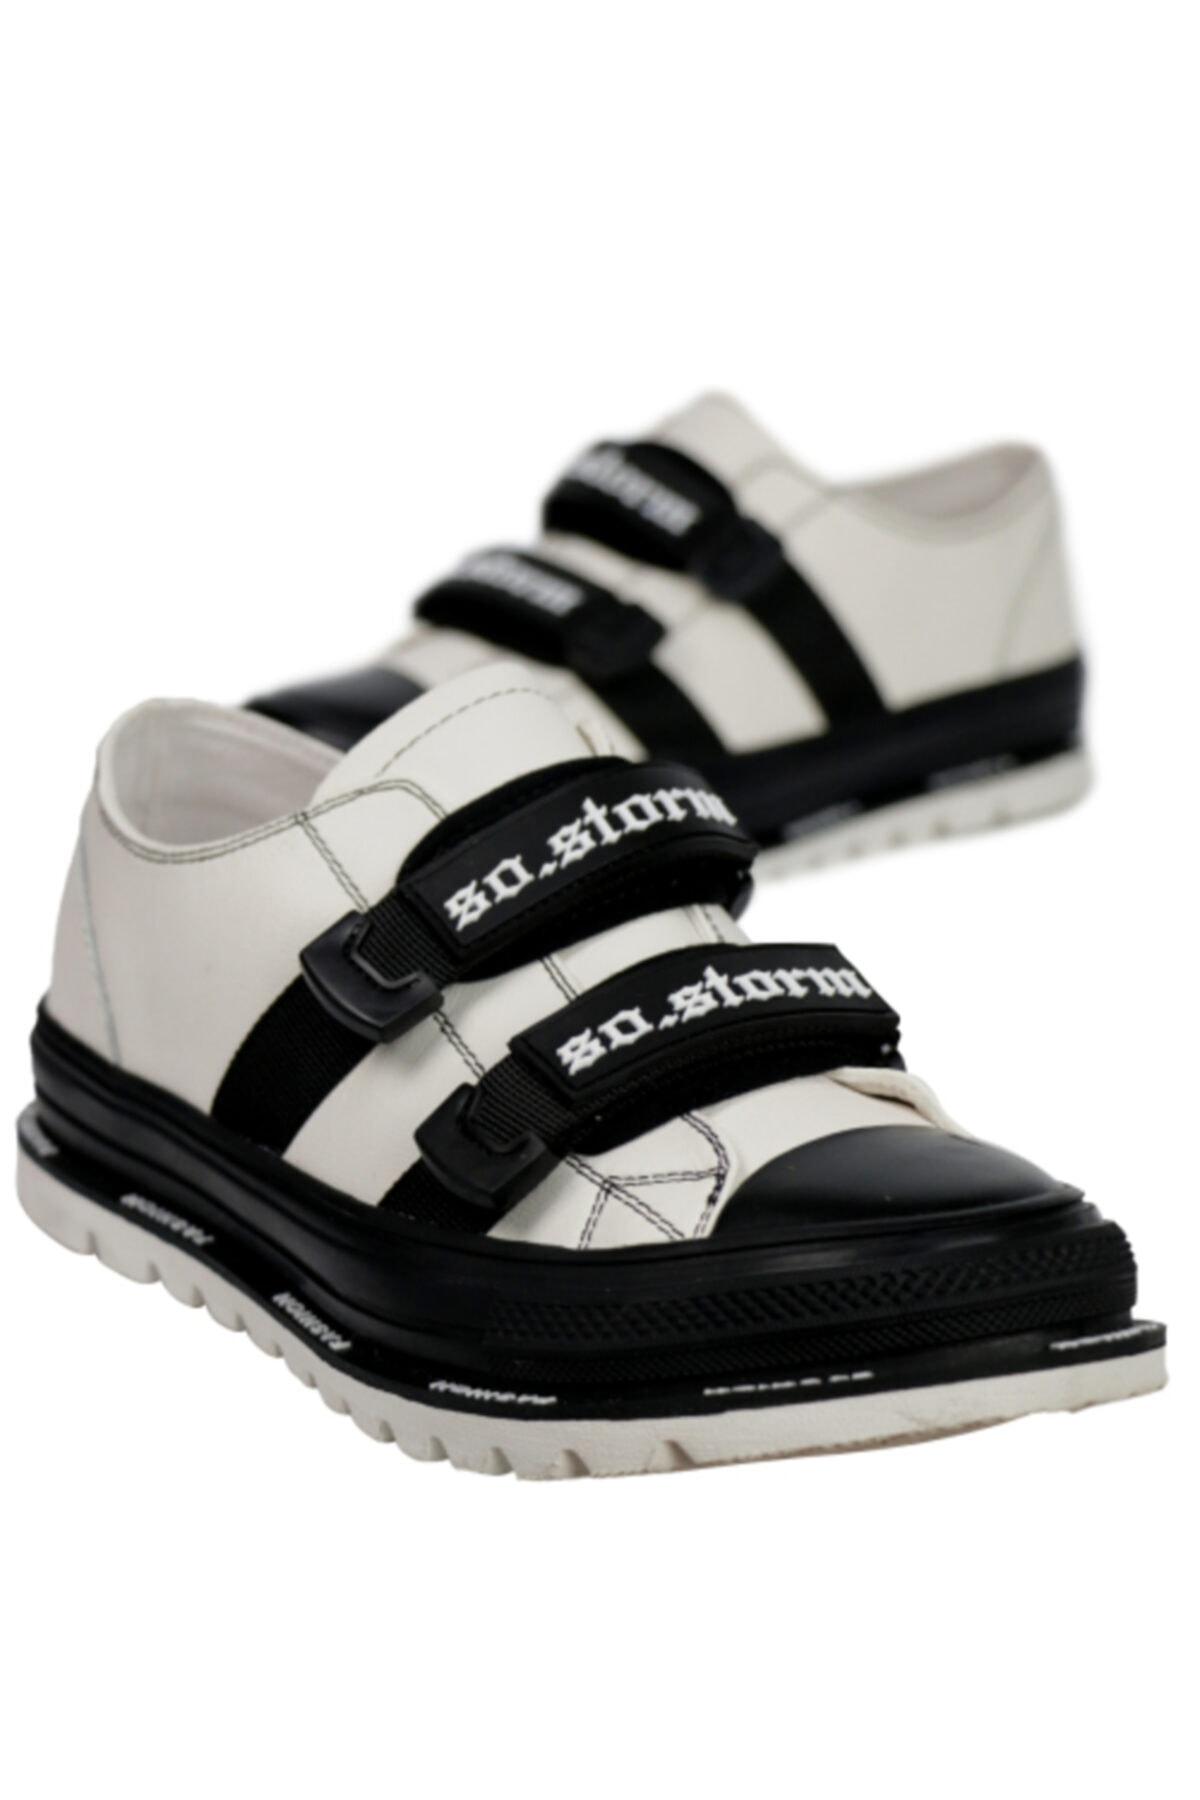 OZ DOROTHY Kadın Beyaz Bantlı Sneaker